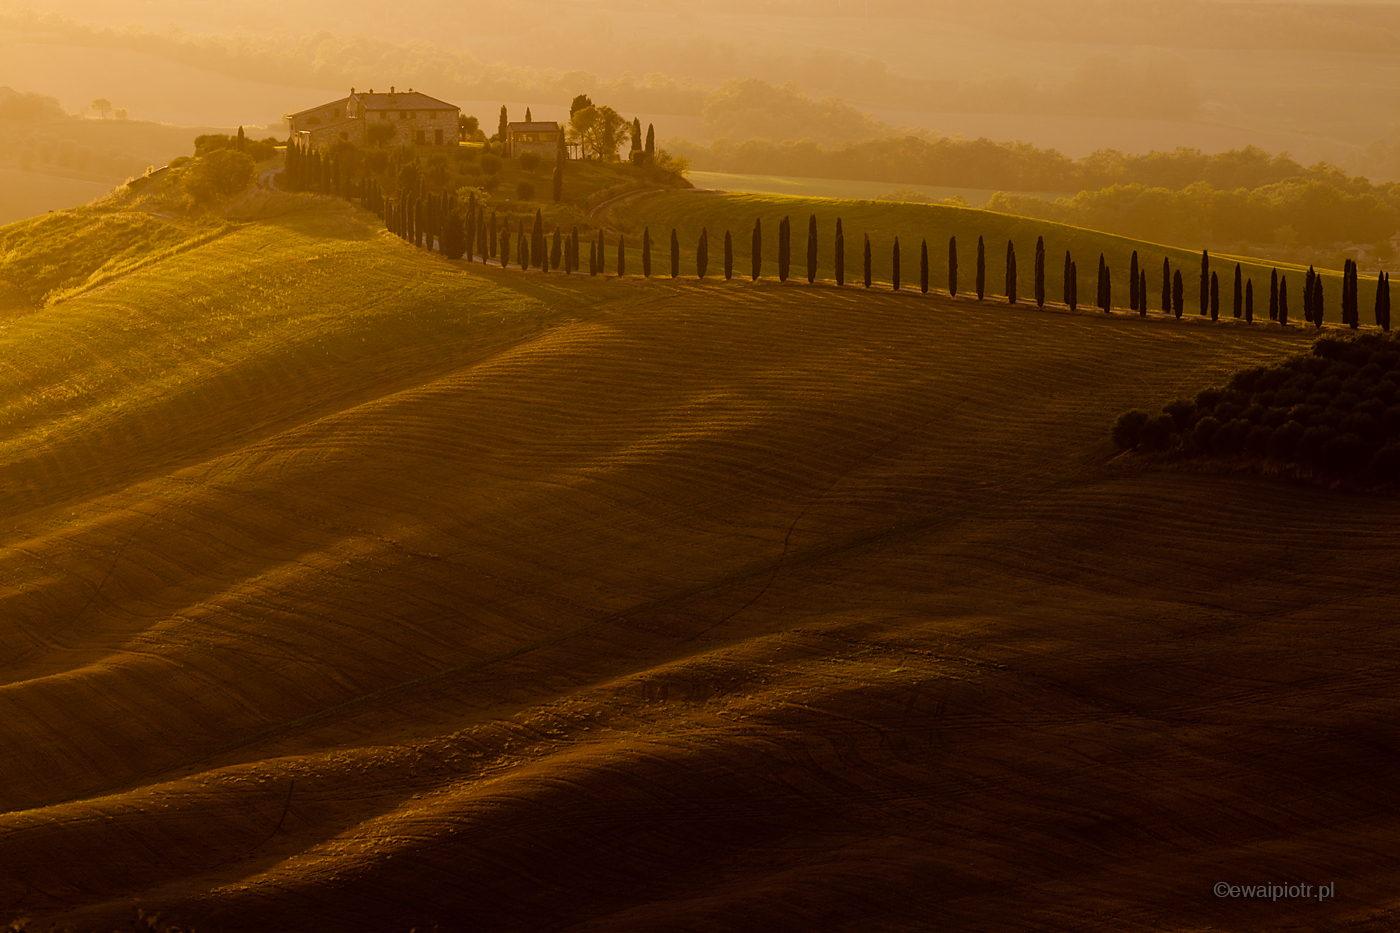 Willa Baccoleno o zachodzie, Toskania